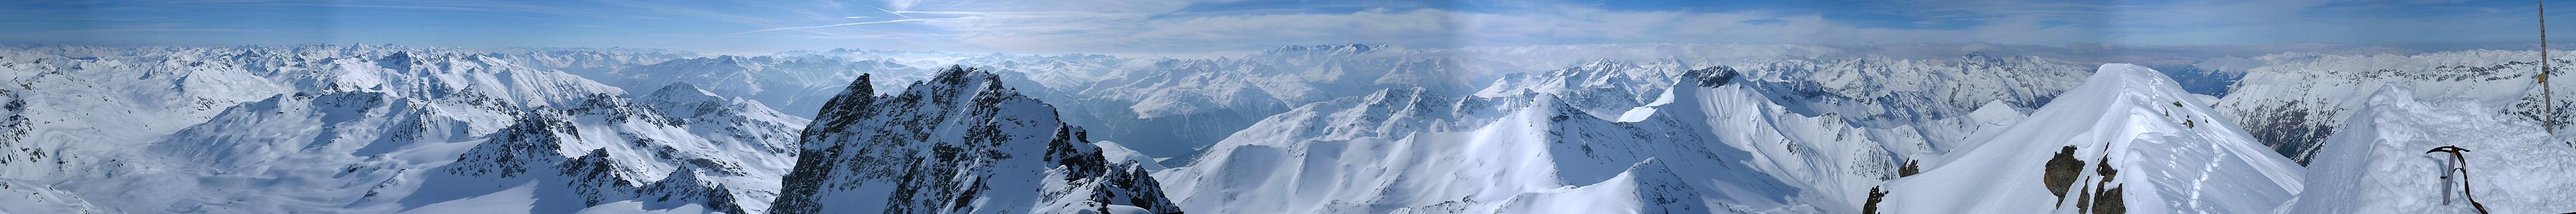 Piz Kech - Chamanna Es-cha Albula Alpen Switzerland panorama 20